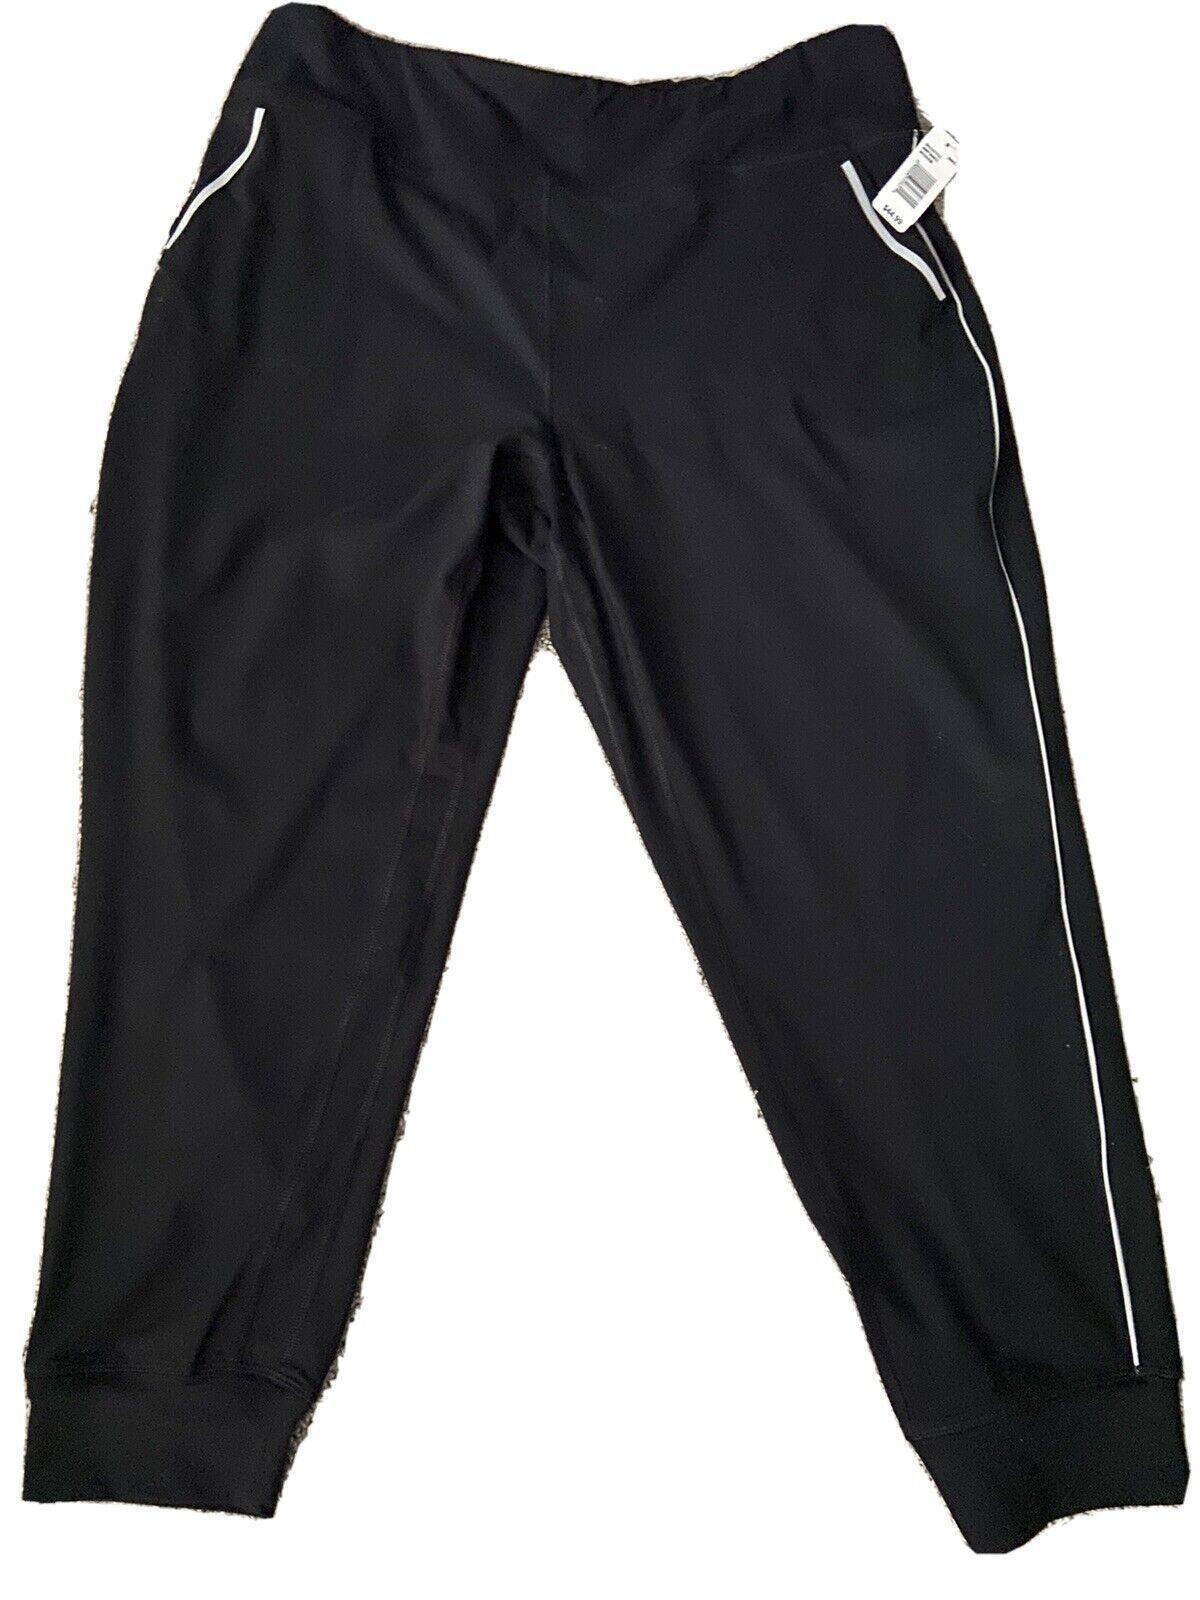 NWT Women's Nine West Active Black Elastic Workout Pants Size 3X